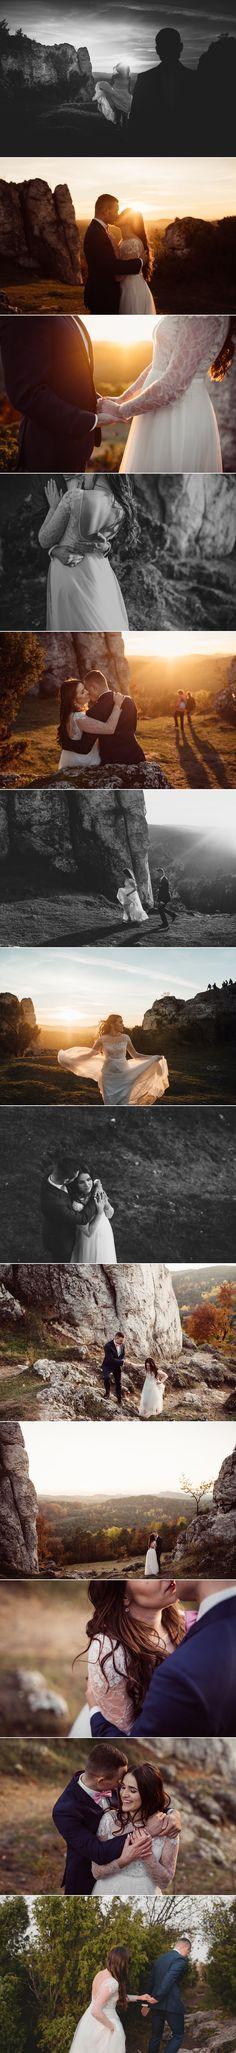 fotografia ślubna kraków, justyna i damian plener, zdjęcia ślubne kraków, fotograf ślubny warszawa, plener ślubny, sesja ślubna